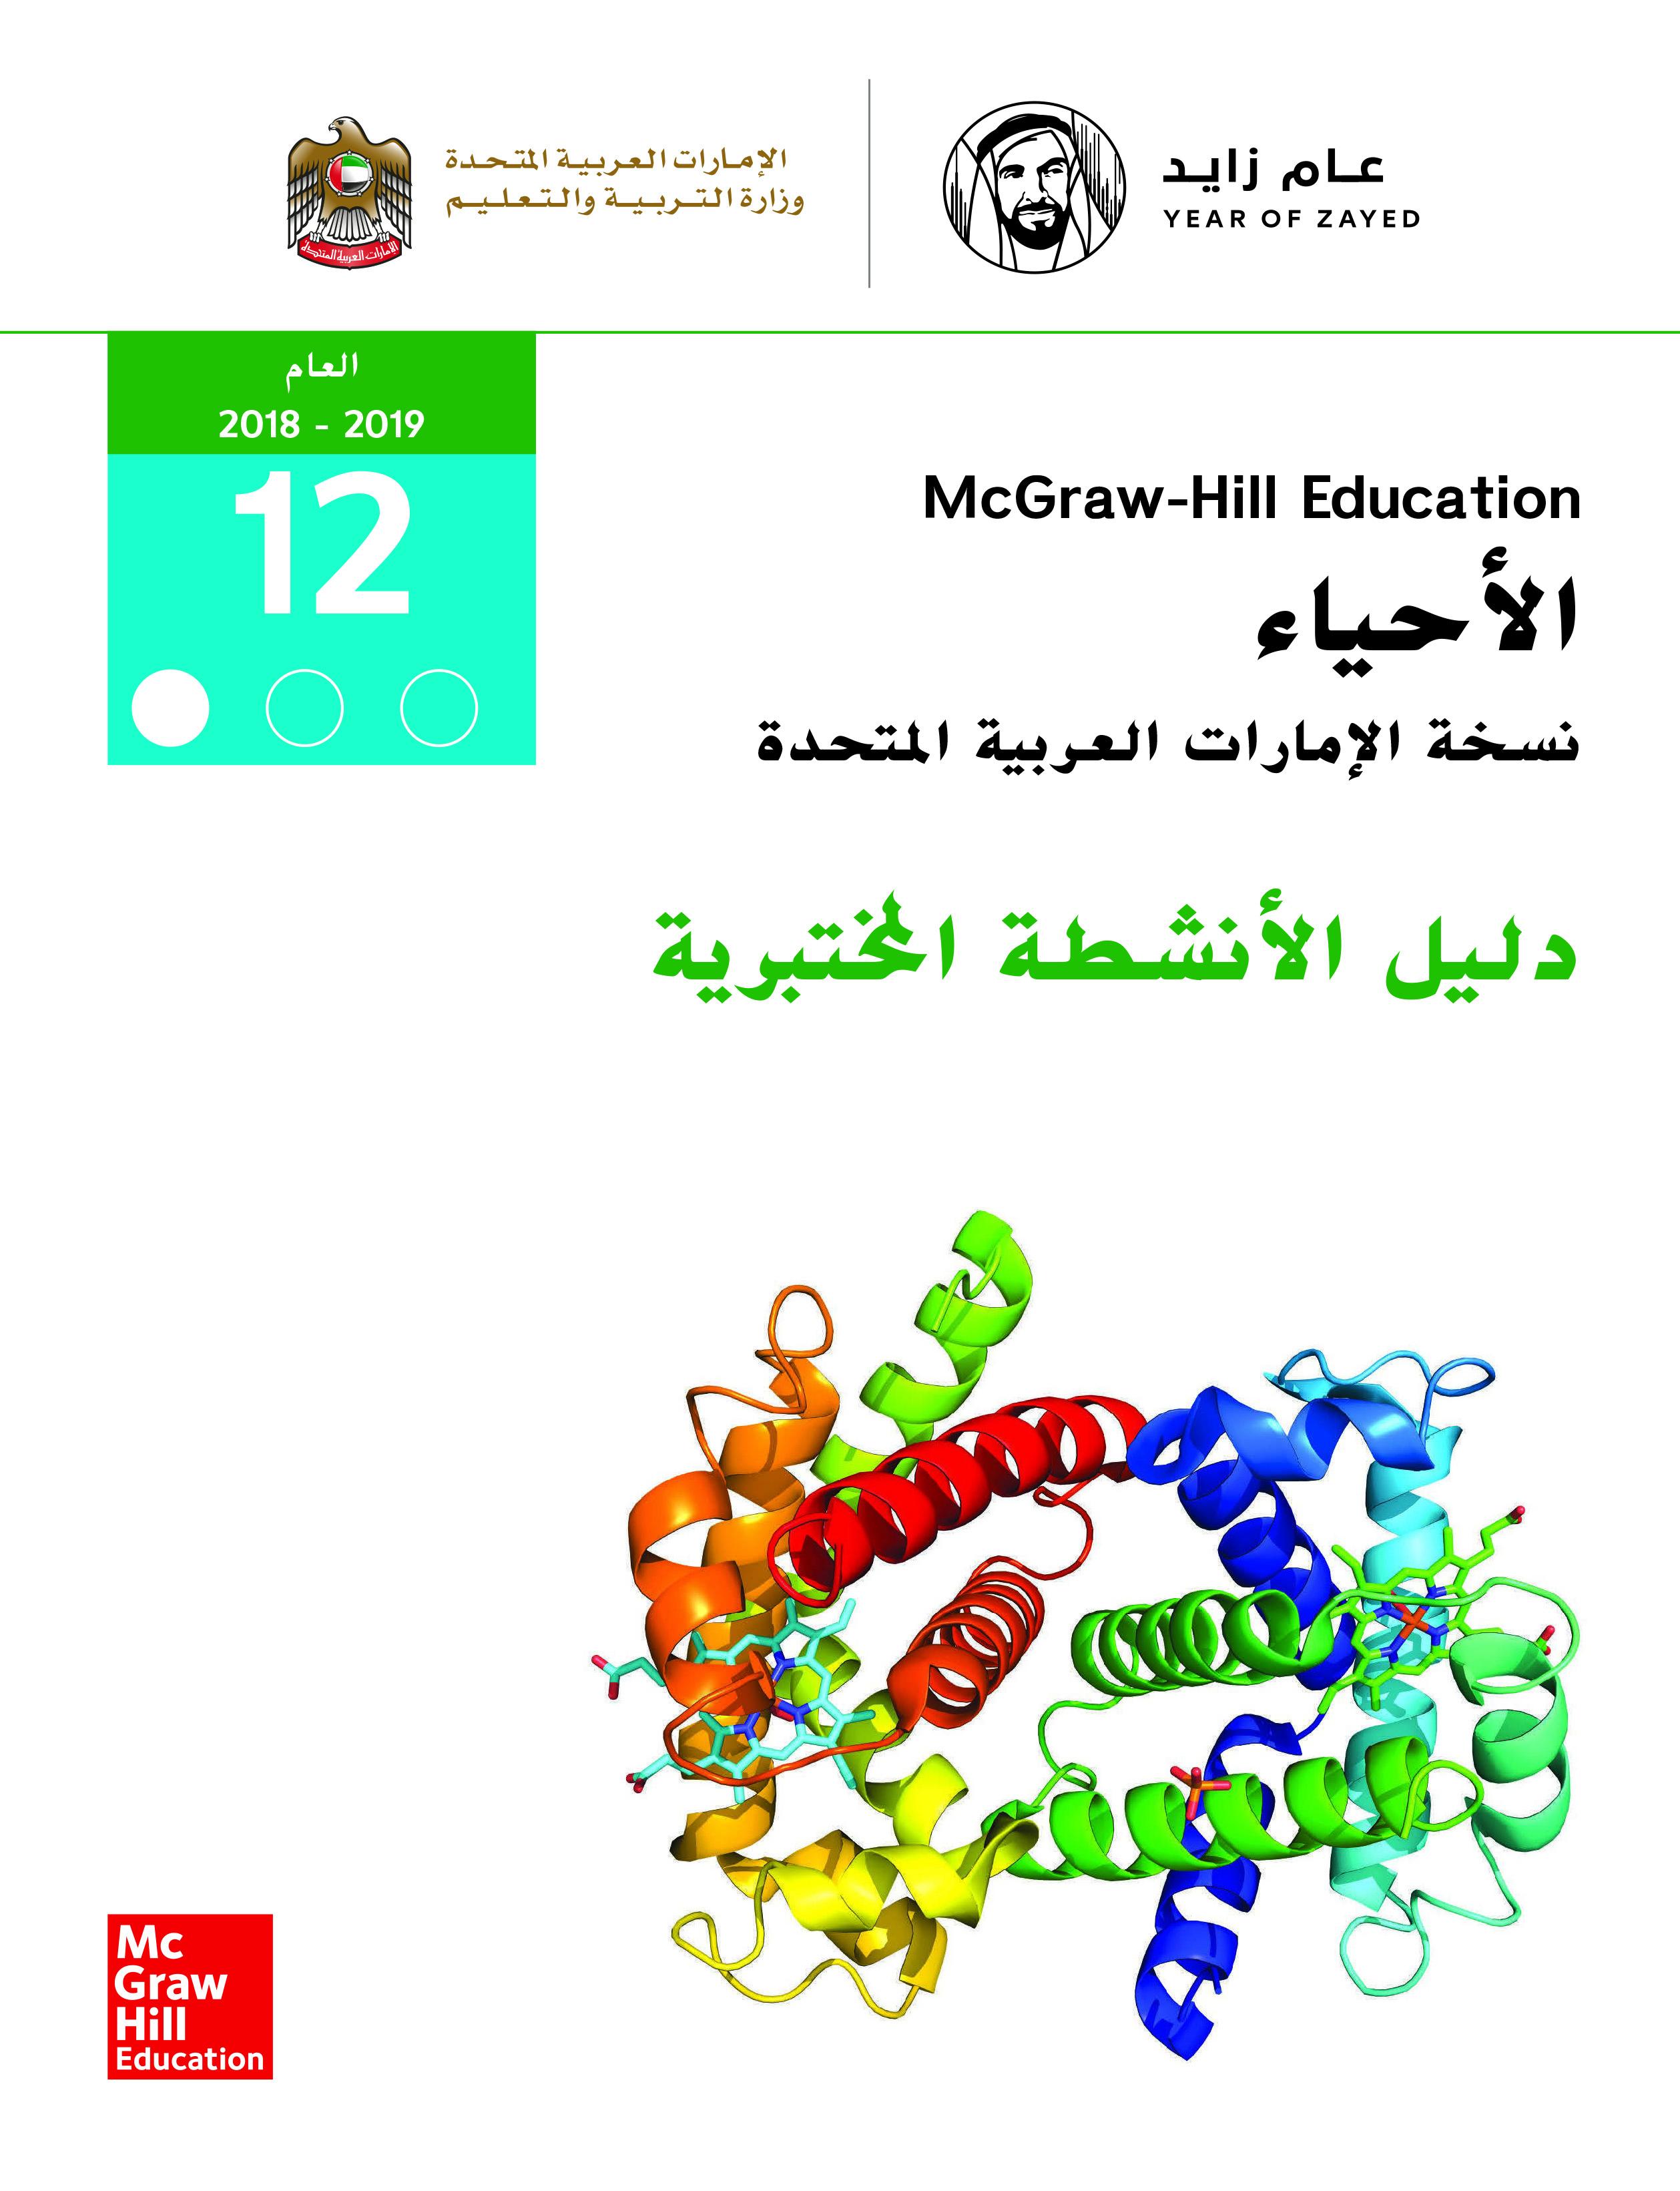 علوم الحياة- دليل الأنشطة المختبرية - كتاب الطالب - الصف الثاني عشر العام - الجزء الأول